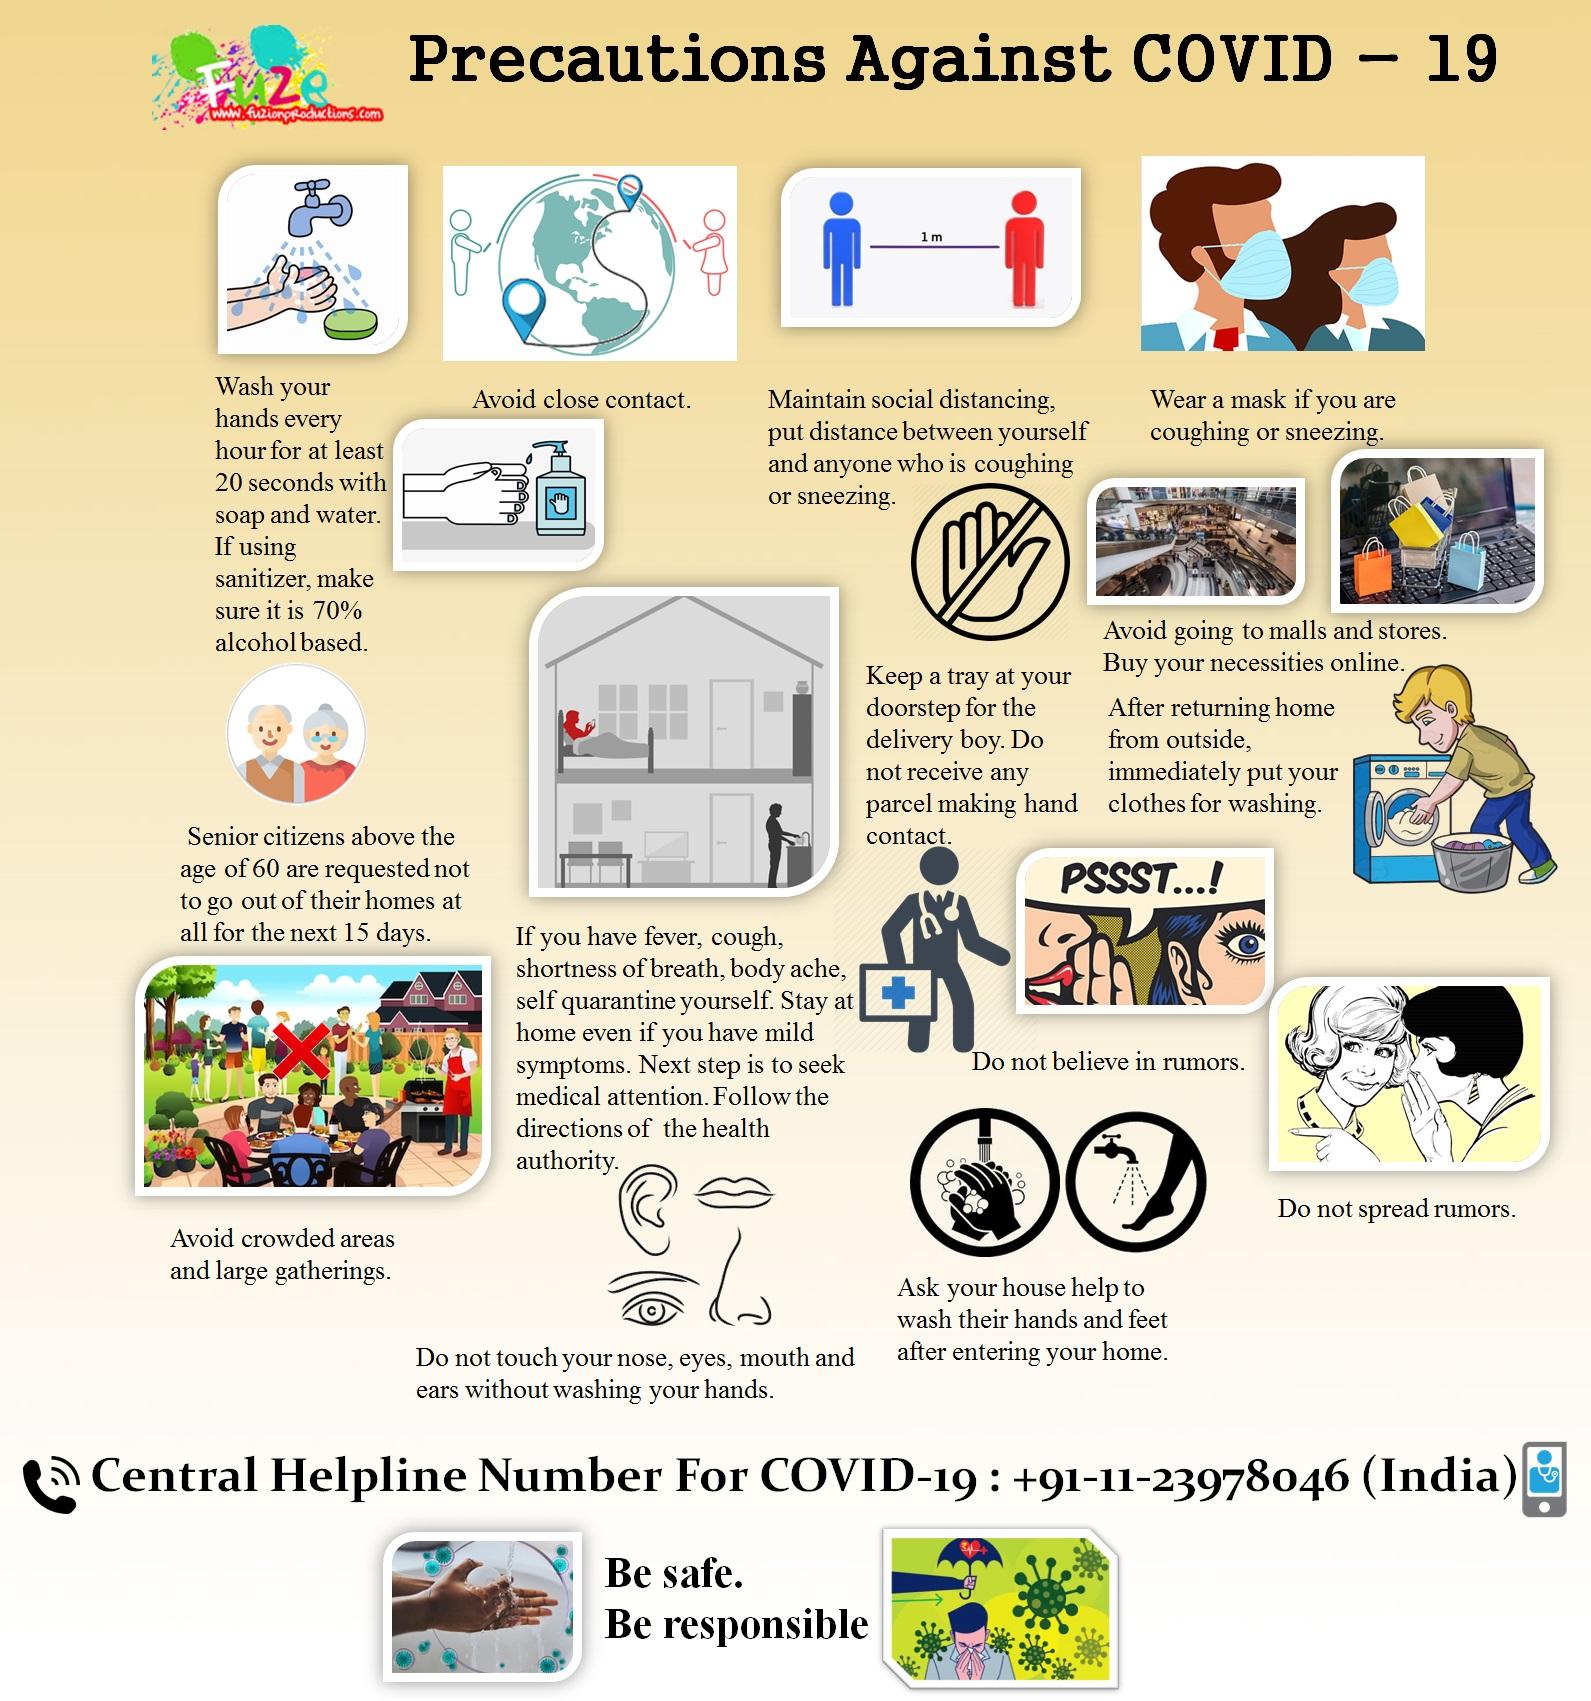 Precautions Against COVID 19